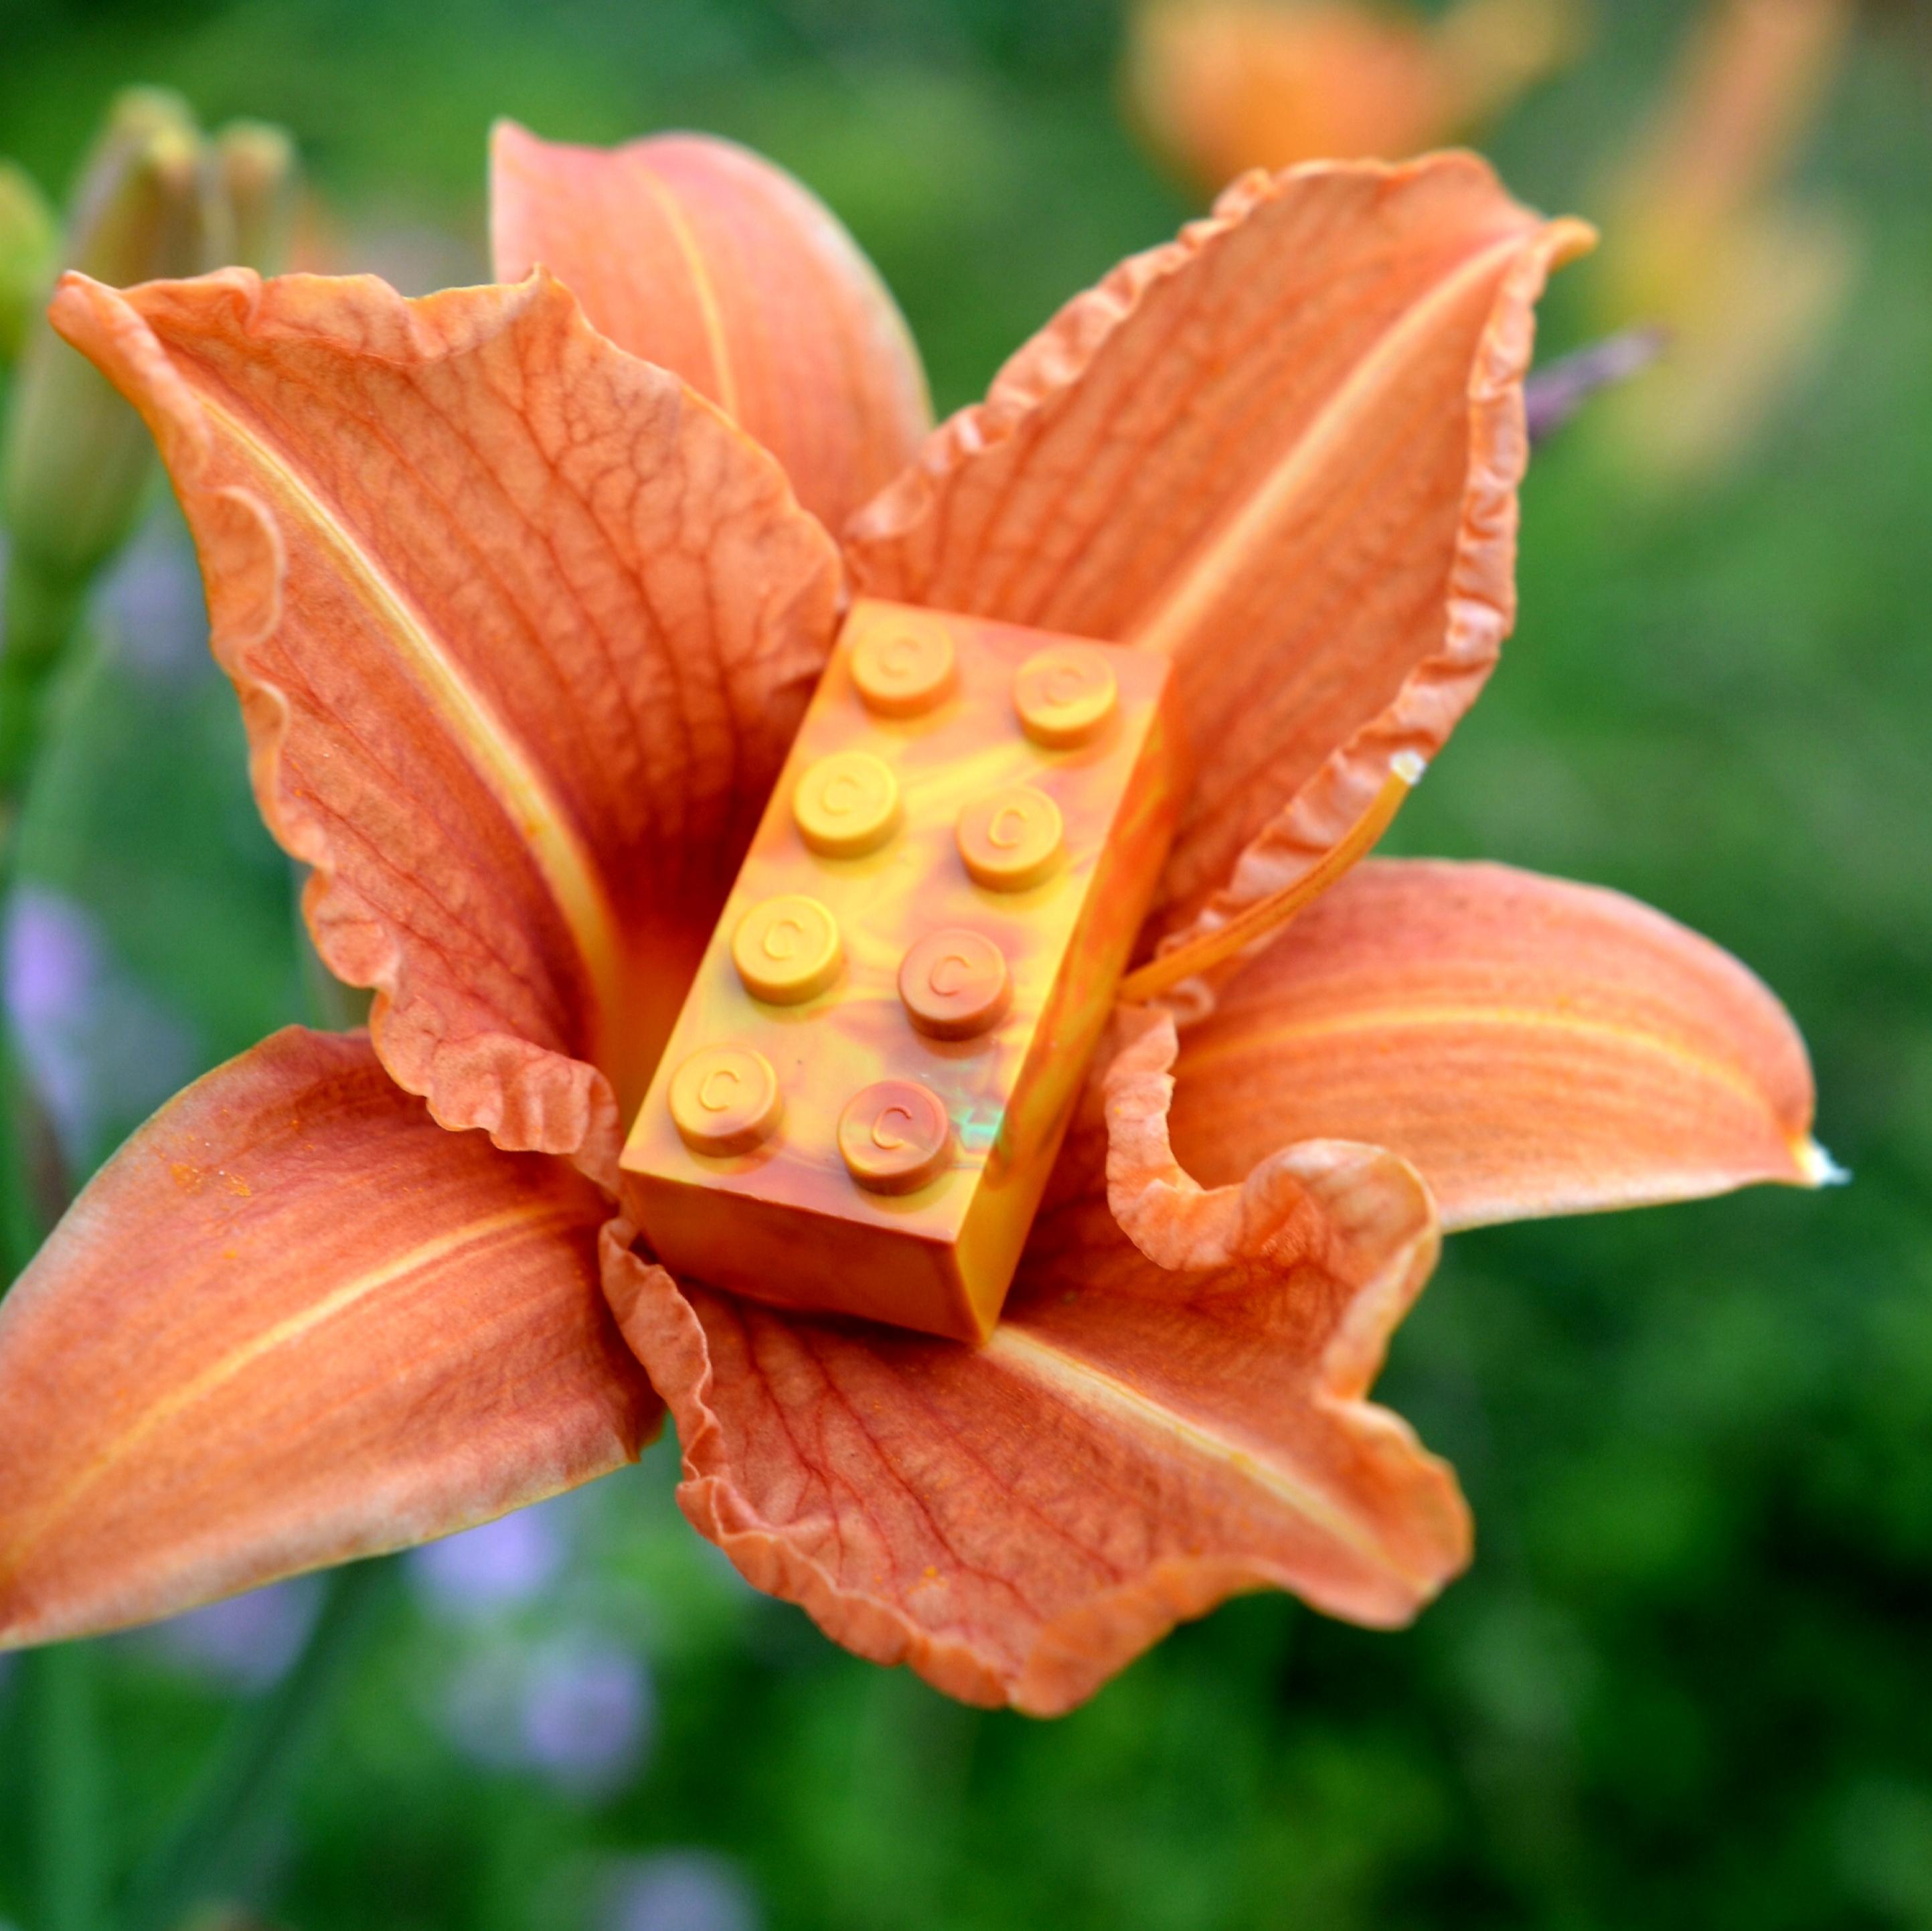 Marbled C brick. :)